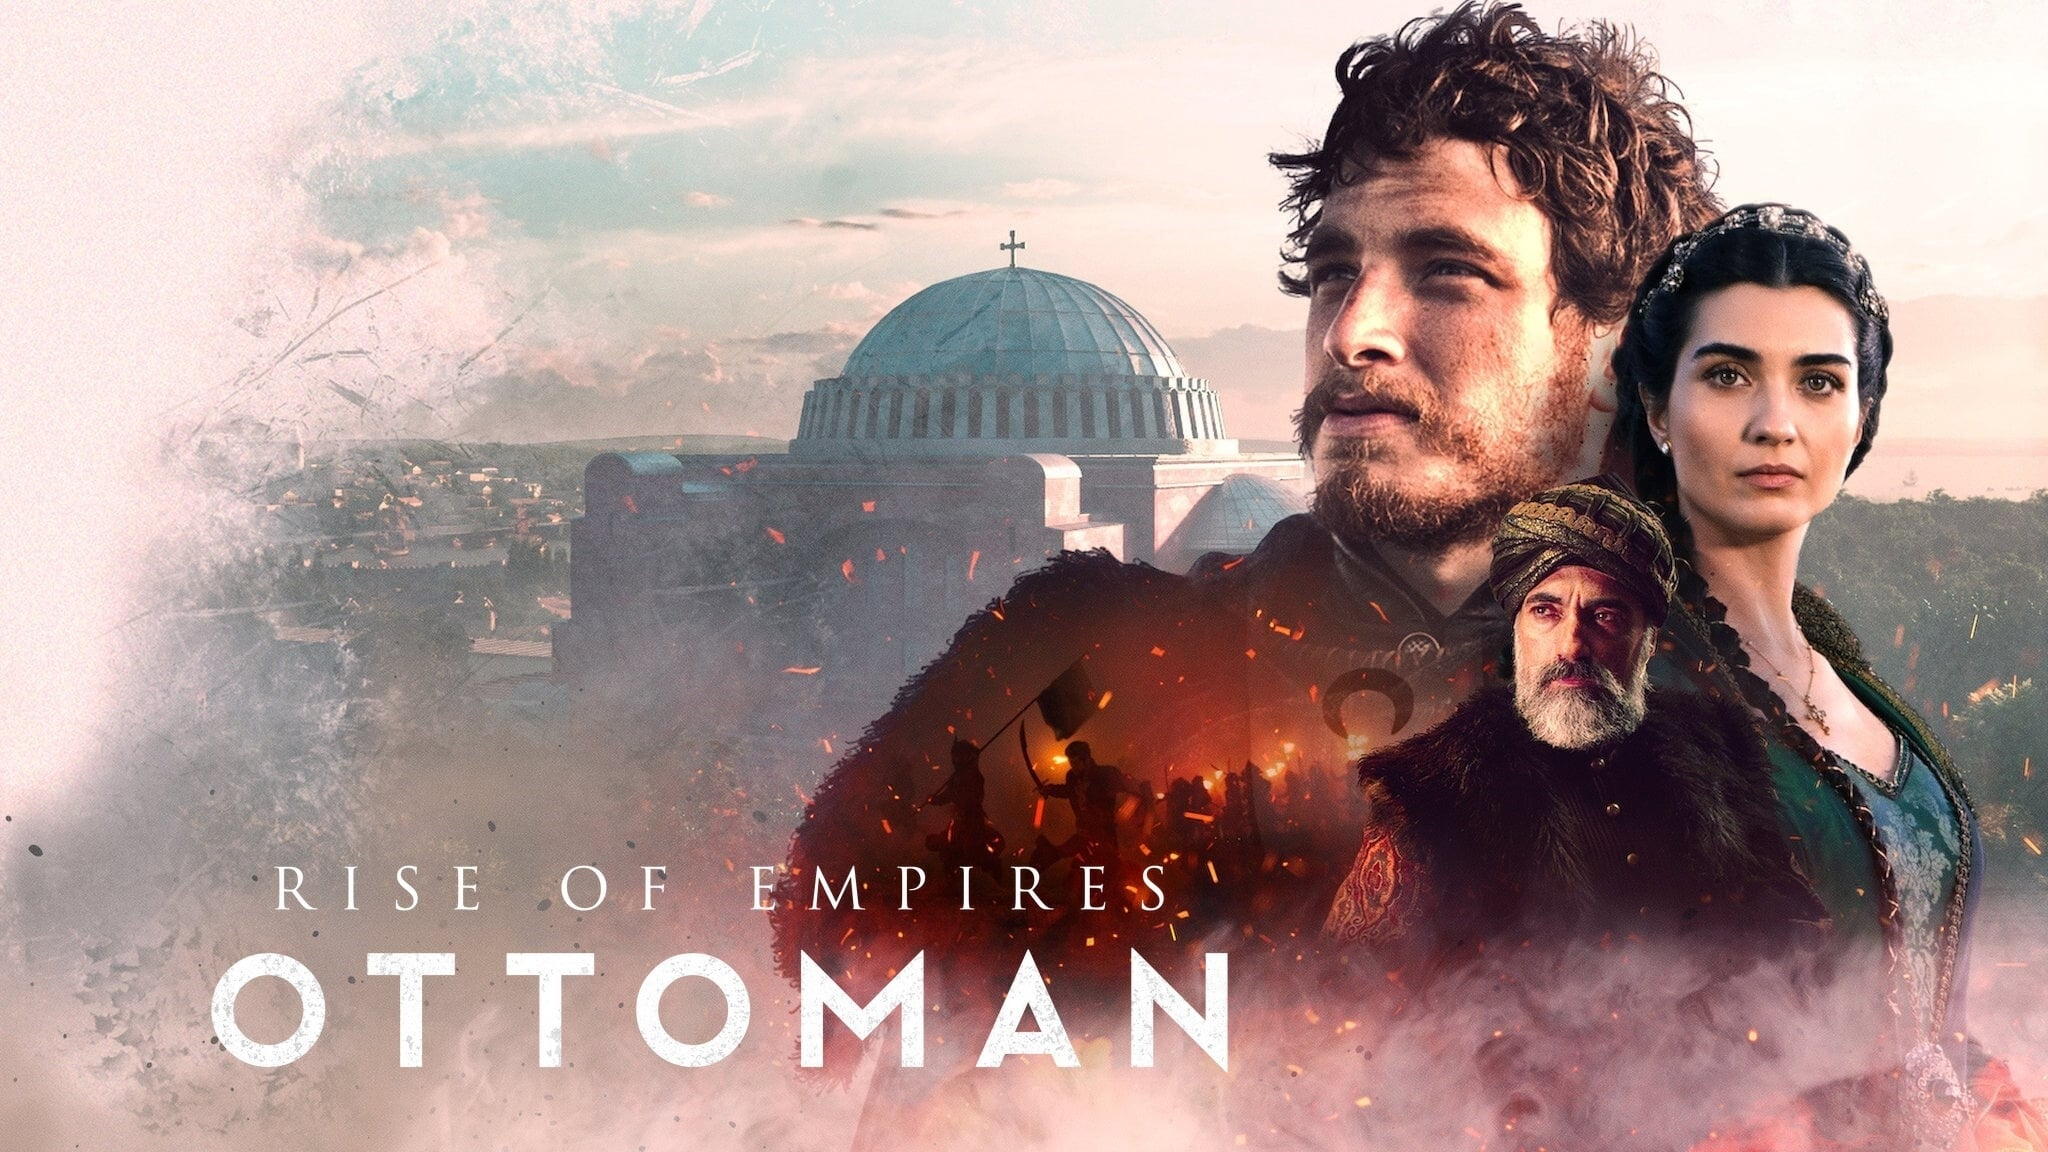 El Ascenso de un Imperio: Otomano